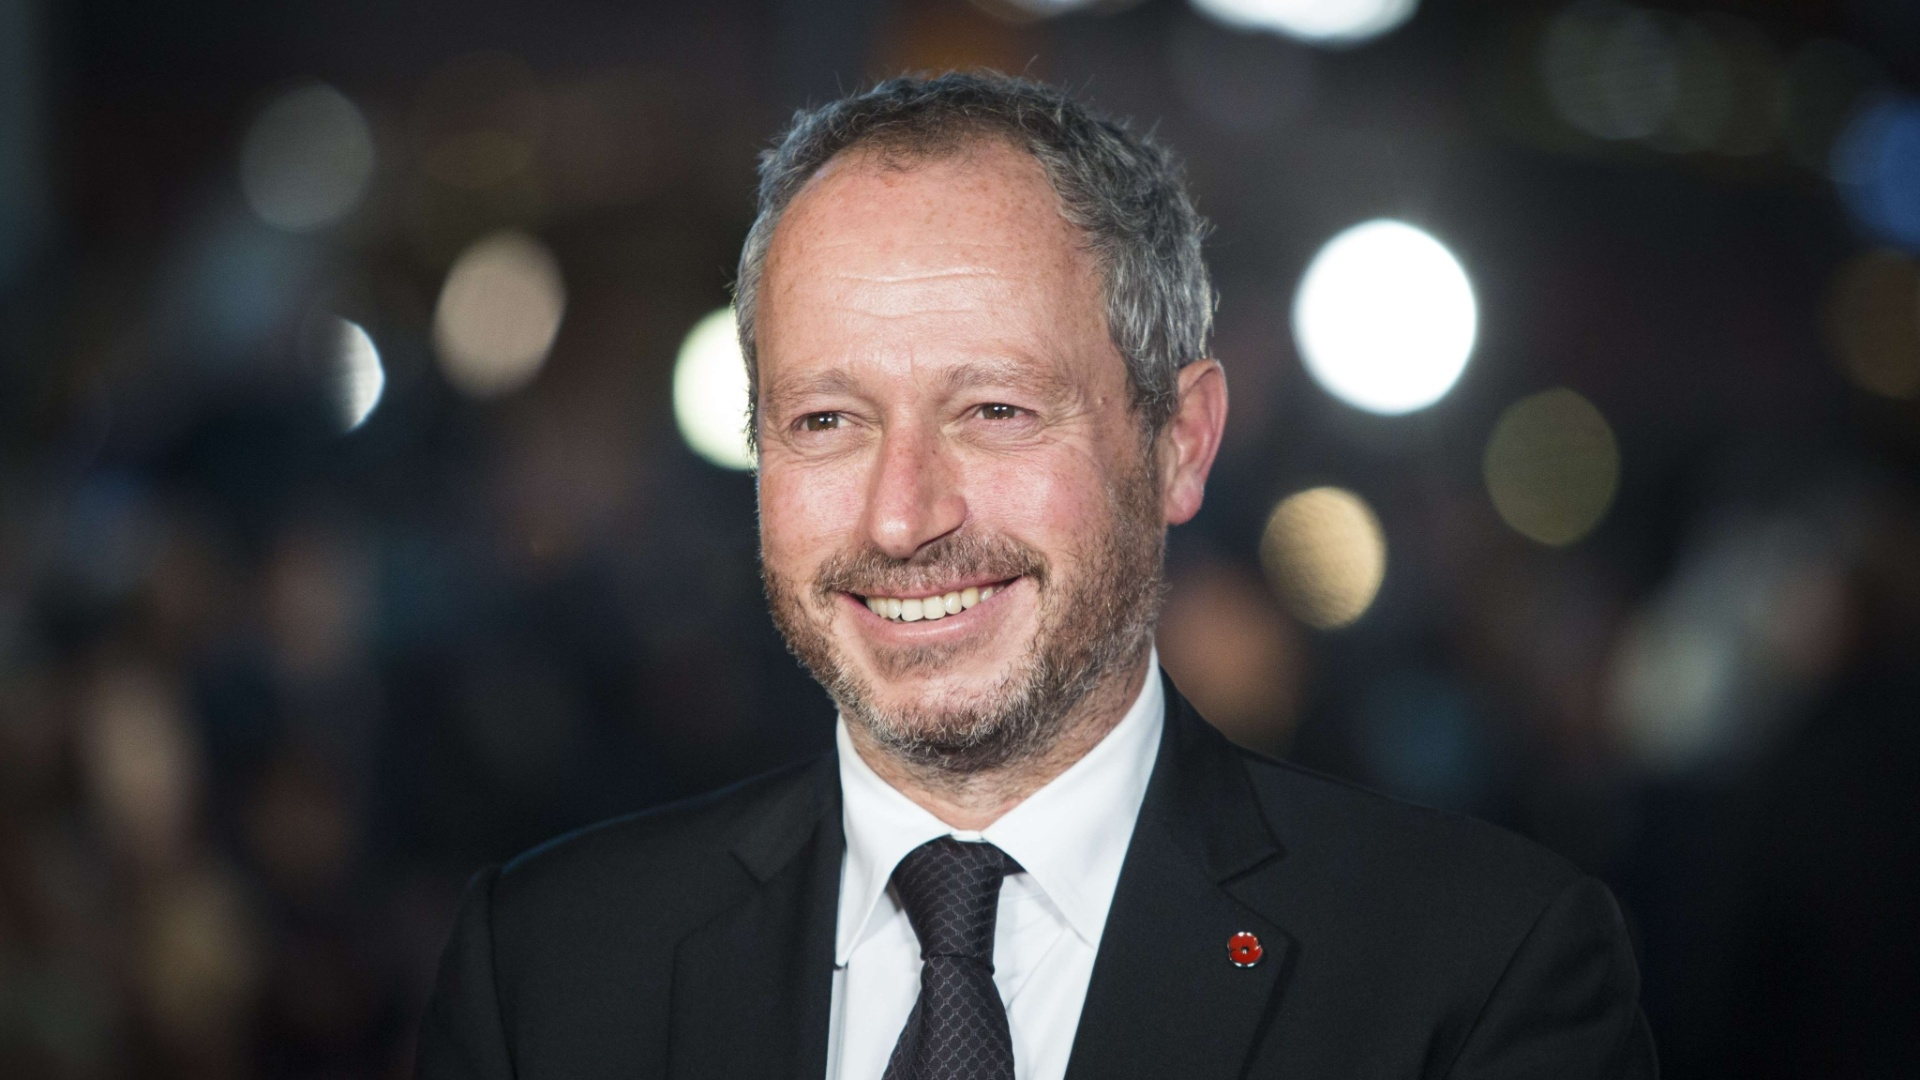 Diretor do filme, o britânico Anthony Wonk também esteve no evento